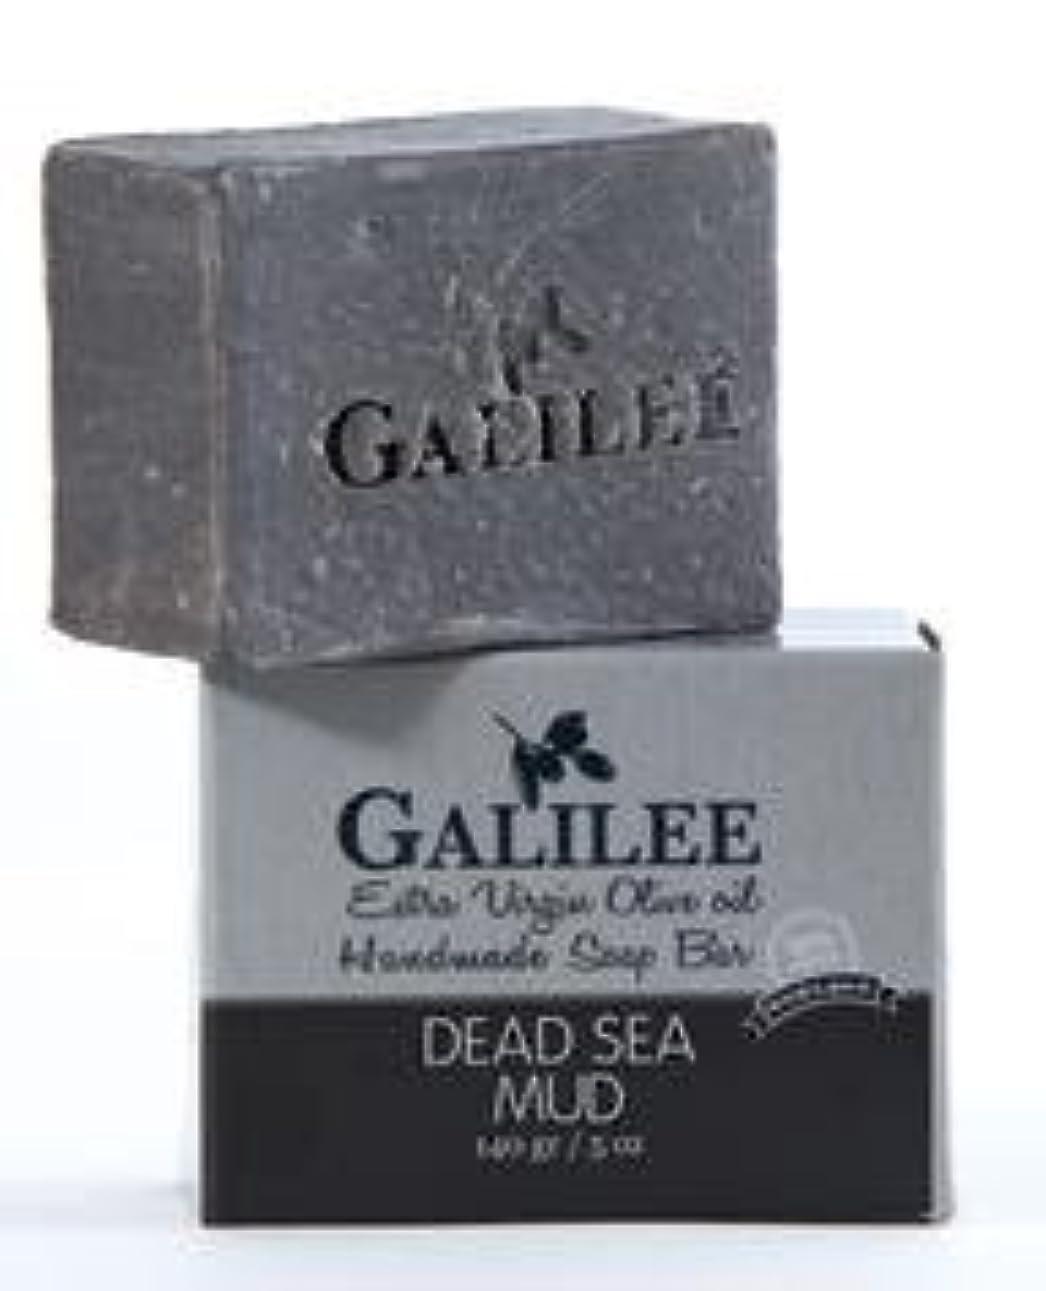 マエストロガレージユーザーガリレー フェイシャルオリーブオイル&死海の泥ソープ 140g